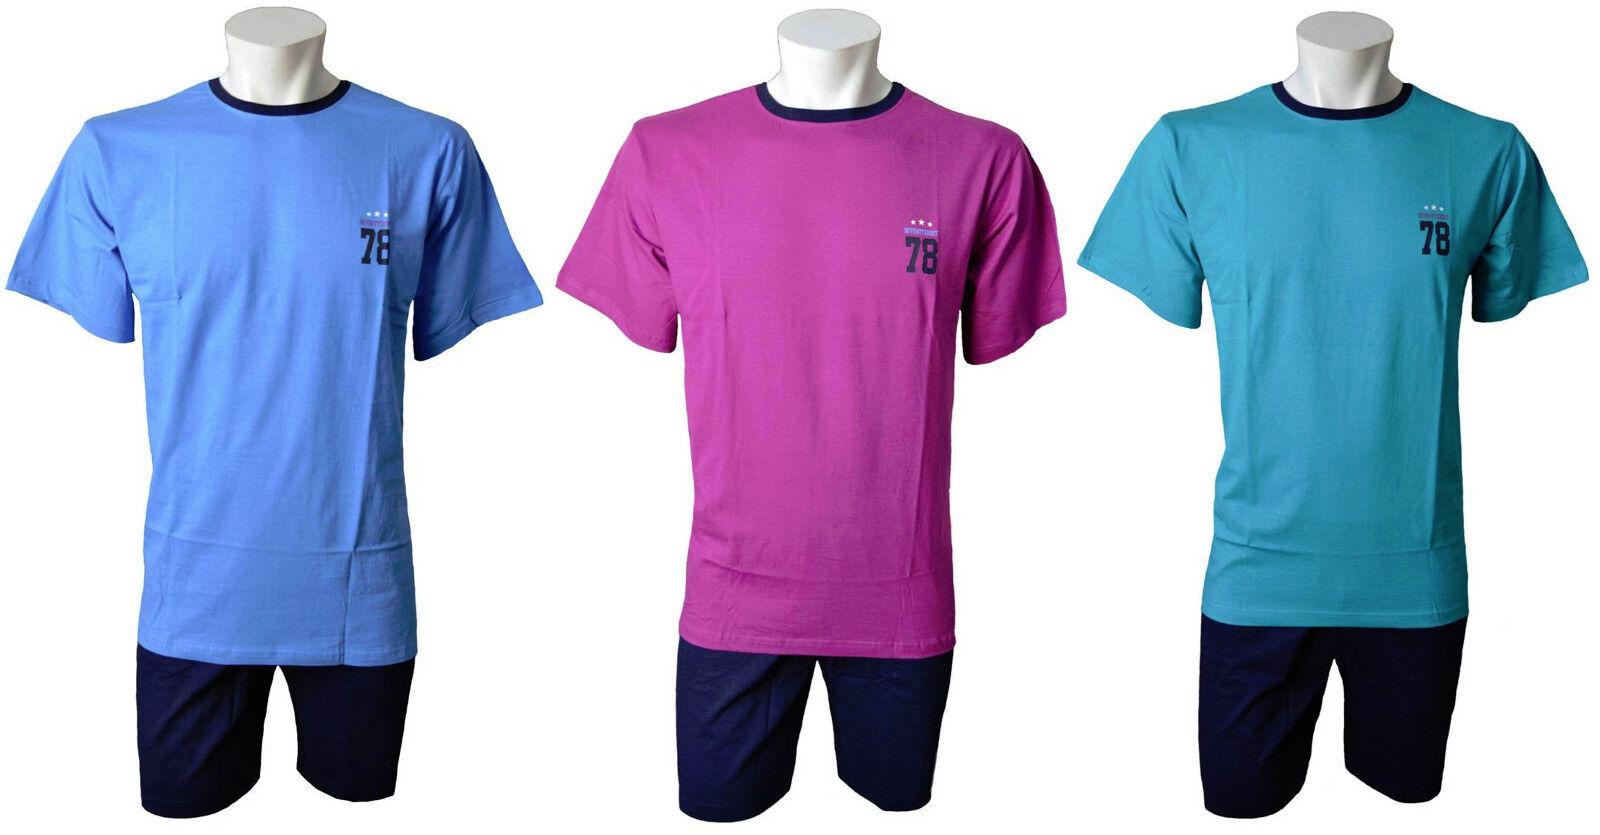 f46c6c4454 Herren Shorty Schlafanzug Pyjama, mit Motivdruck,drei Farben,Baumwolle,Gr.  M-XXL*